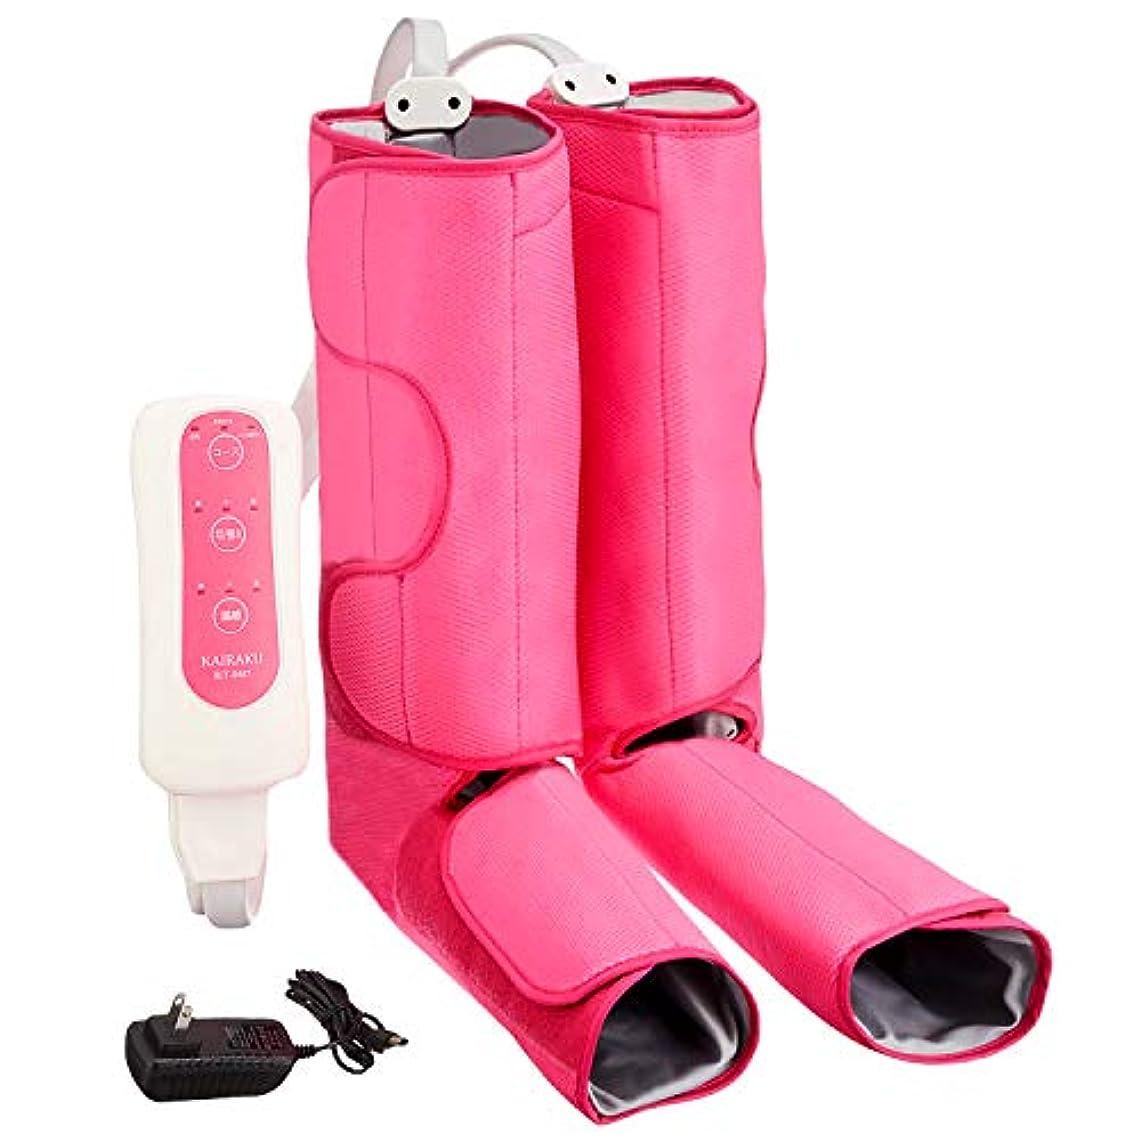 外交冷凍庫有限エアーマッサージャー  3つのマッサージコースを 温感機能搭載フット循環血行促進マッサージ マッサージフットケア 空気圧縮 疲労回復 筋肉痛の痛みの緩解 家庭用